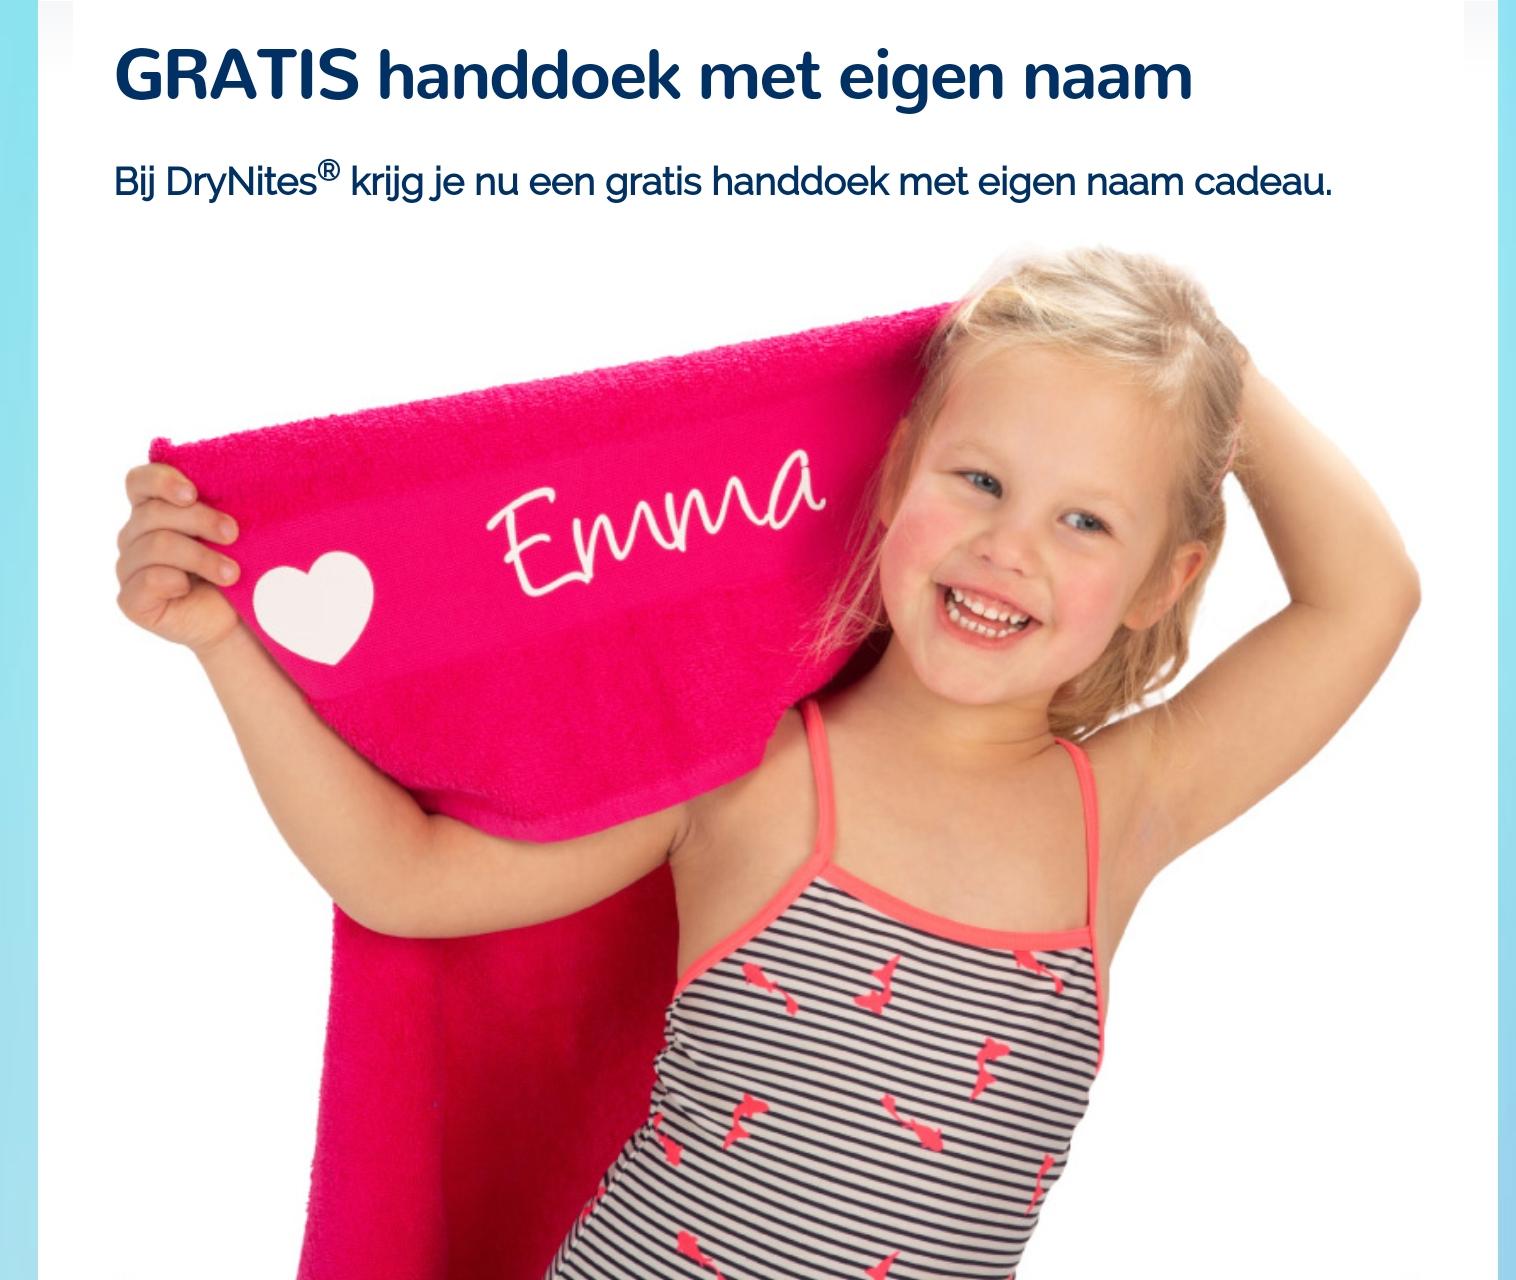 Bij 2 pakken DryNites gratis handdoek t.w.v. € 21,98 met eigen tekst en afbeelding